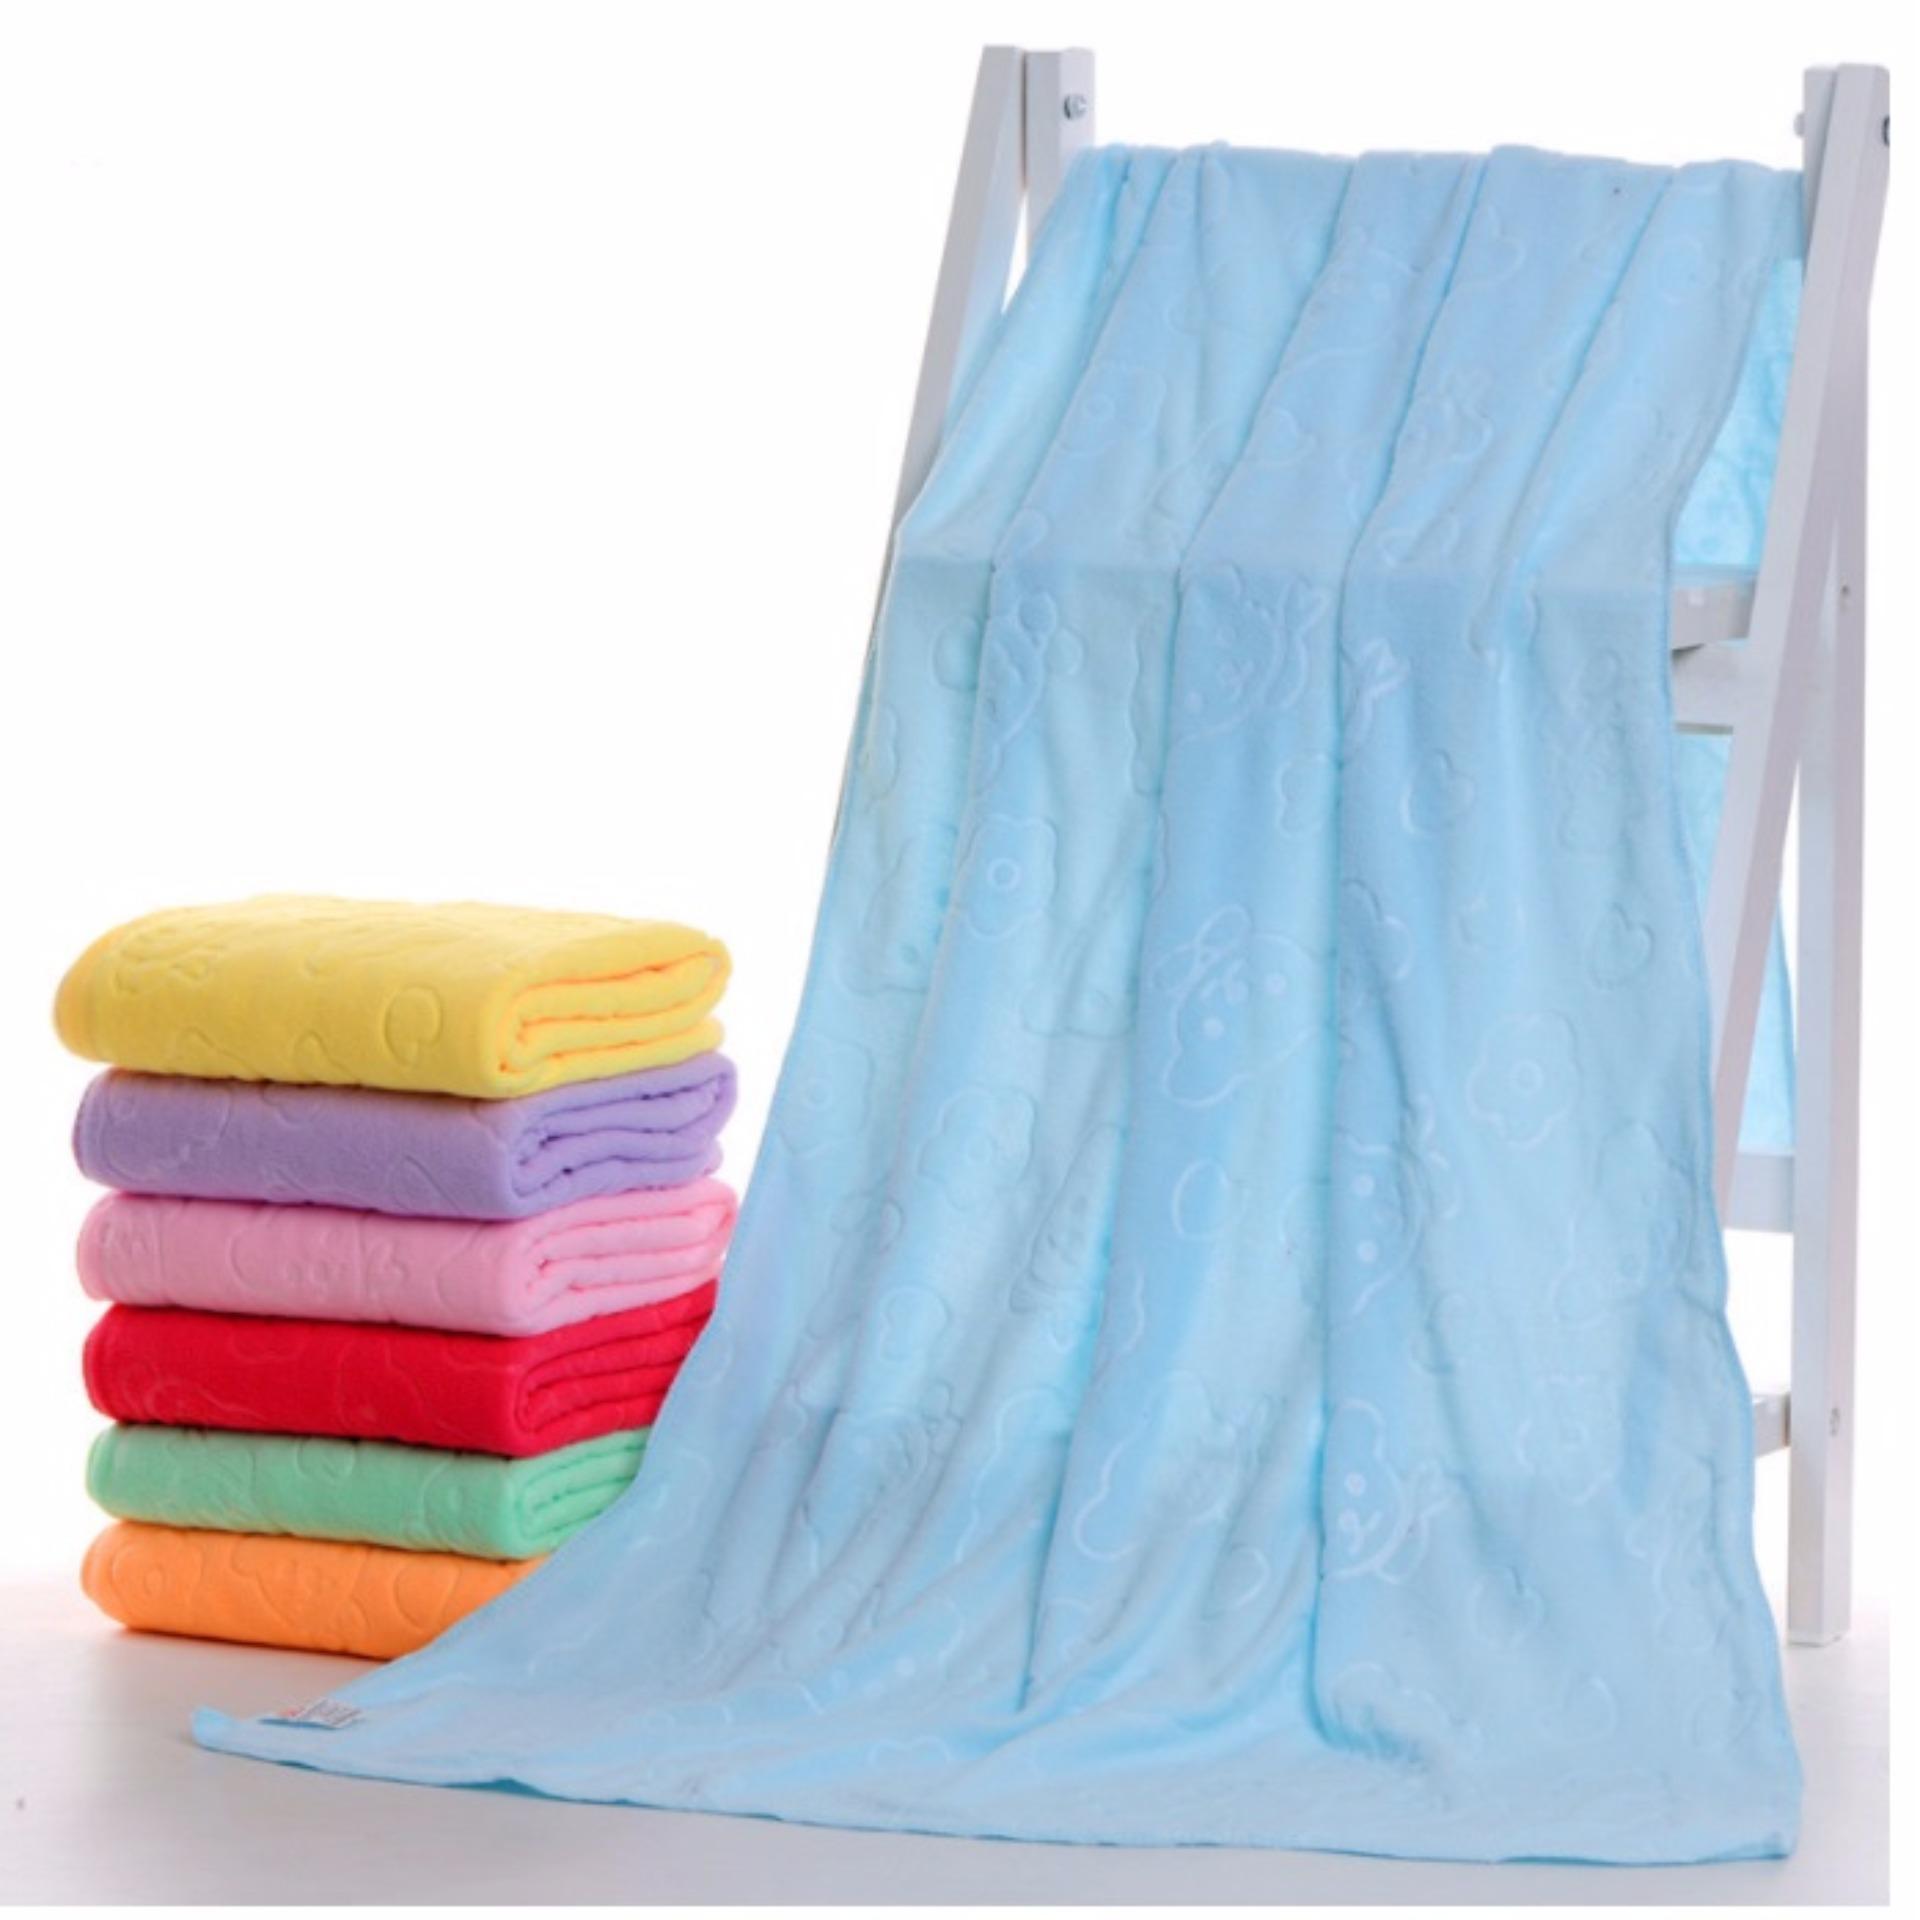 Bộ 3 khăn tắm, khăn mặt, khăn lau tóc cao cấp loại in chìm (xanh dương nhạt) – (BQ271-XANHDUONGNHAT)